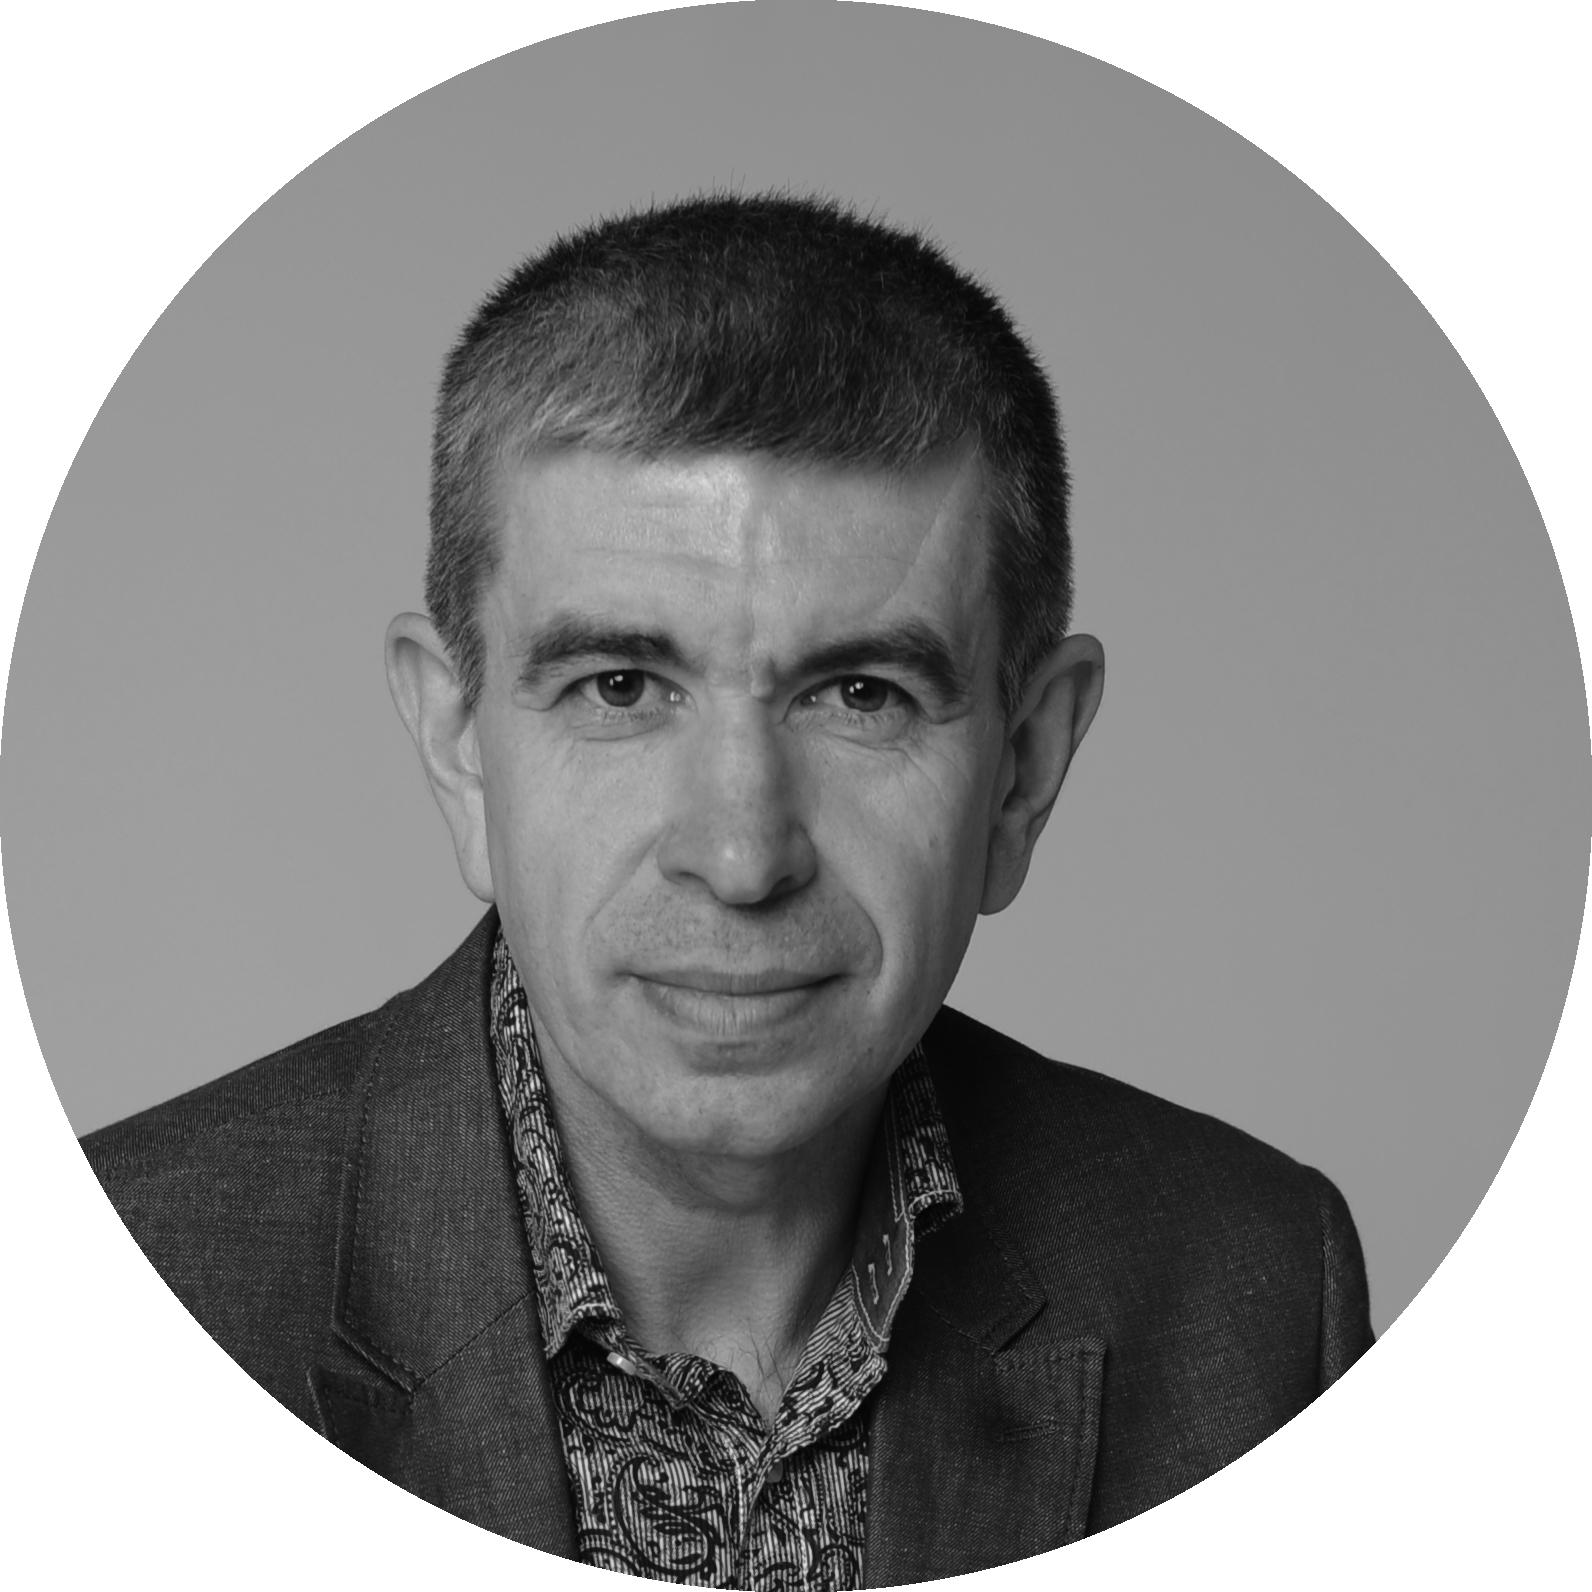 Олексій Артеменко  МАІС, бізнесмен